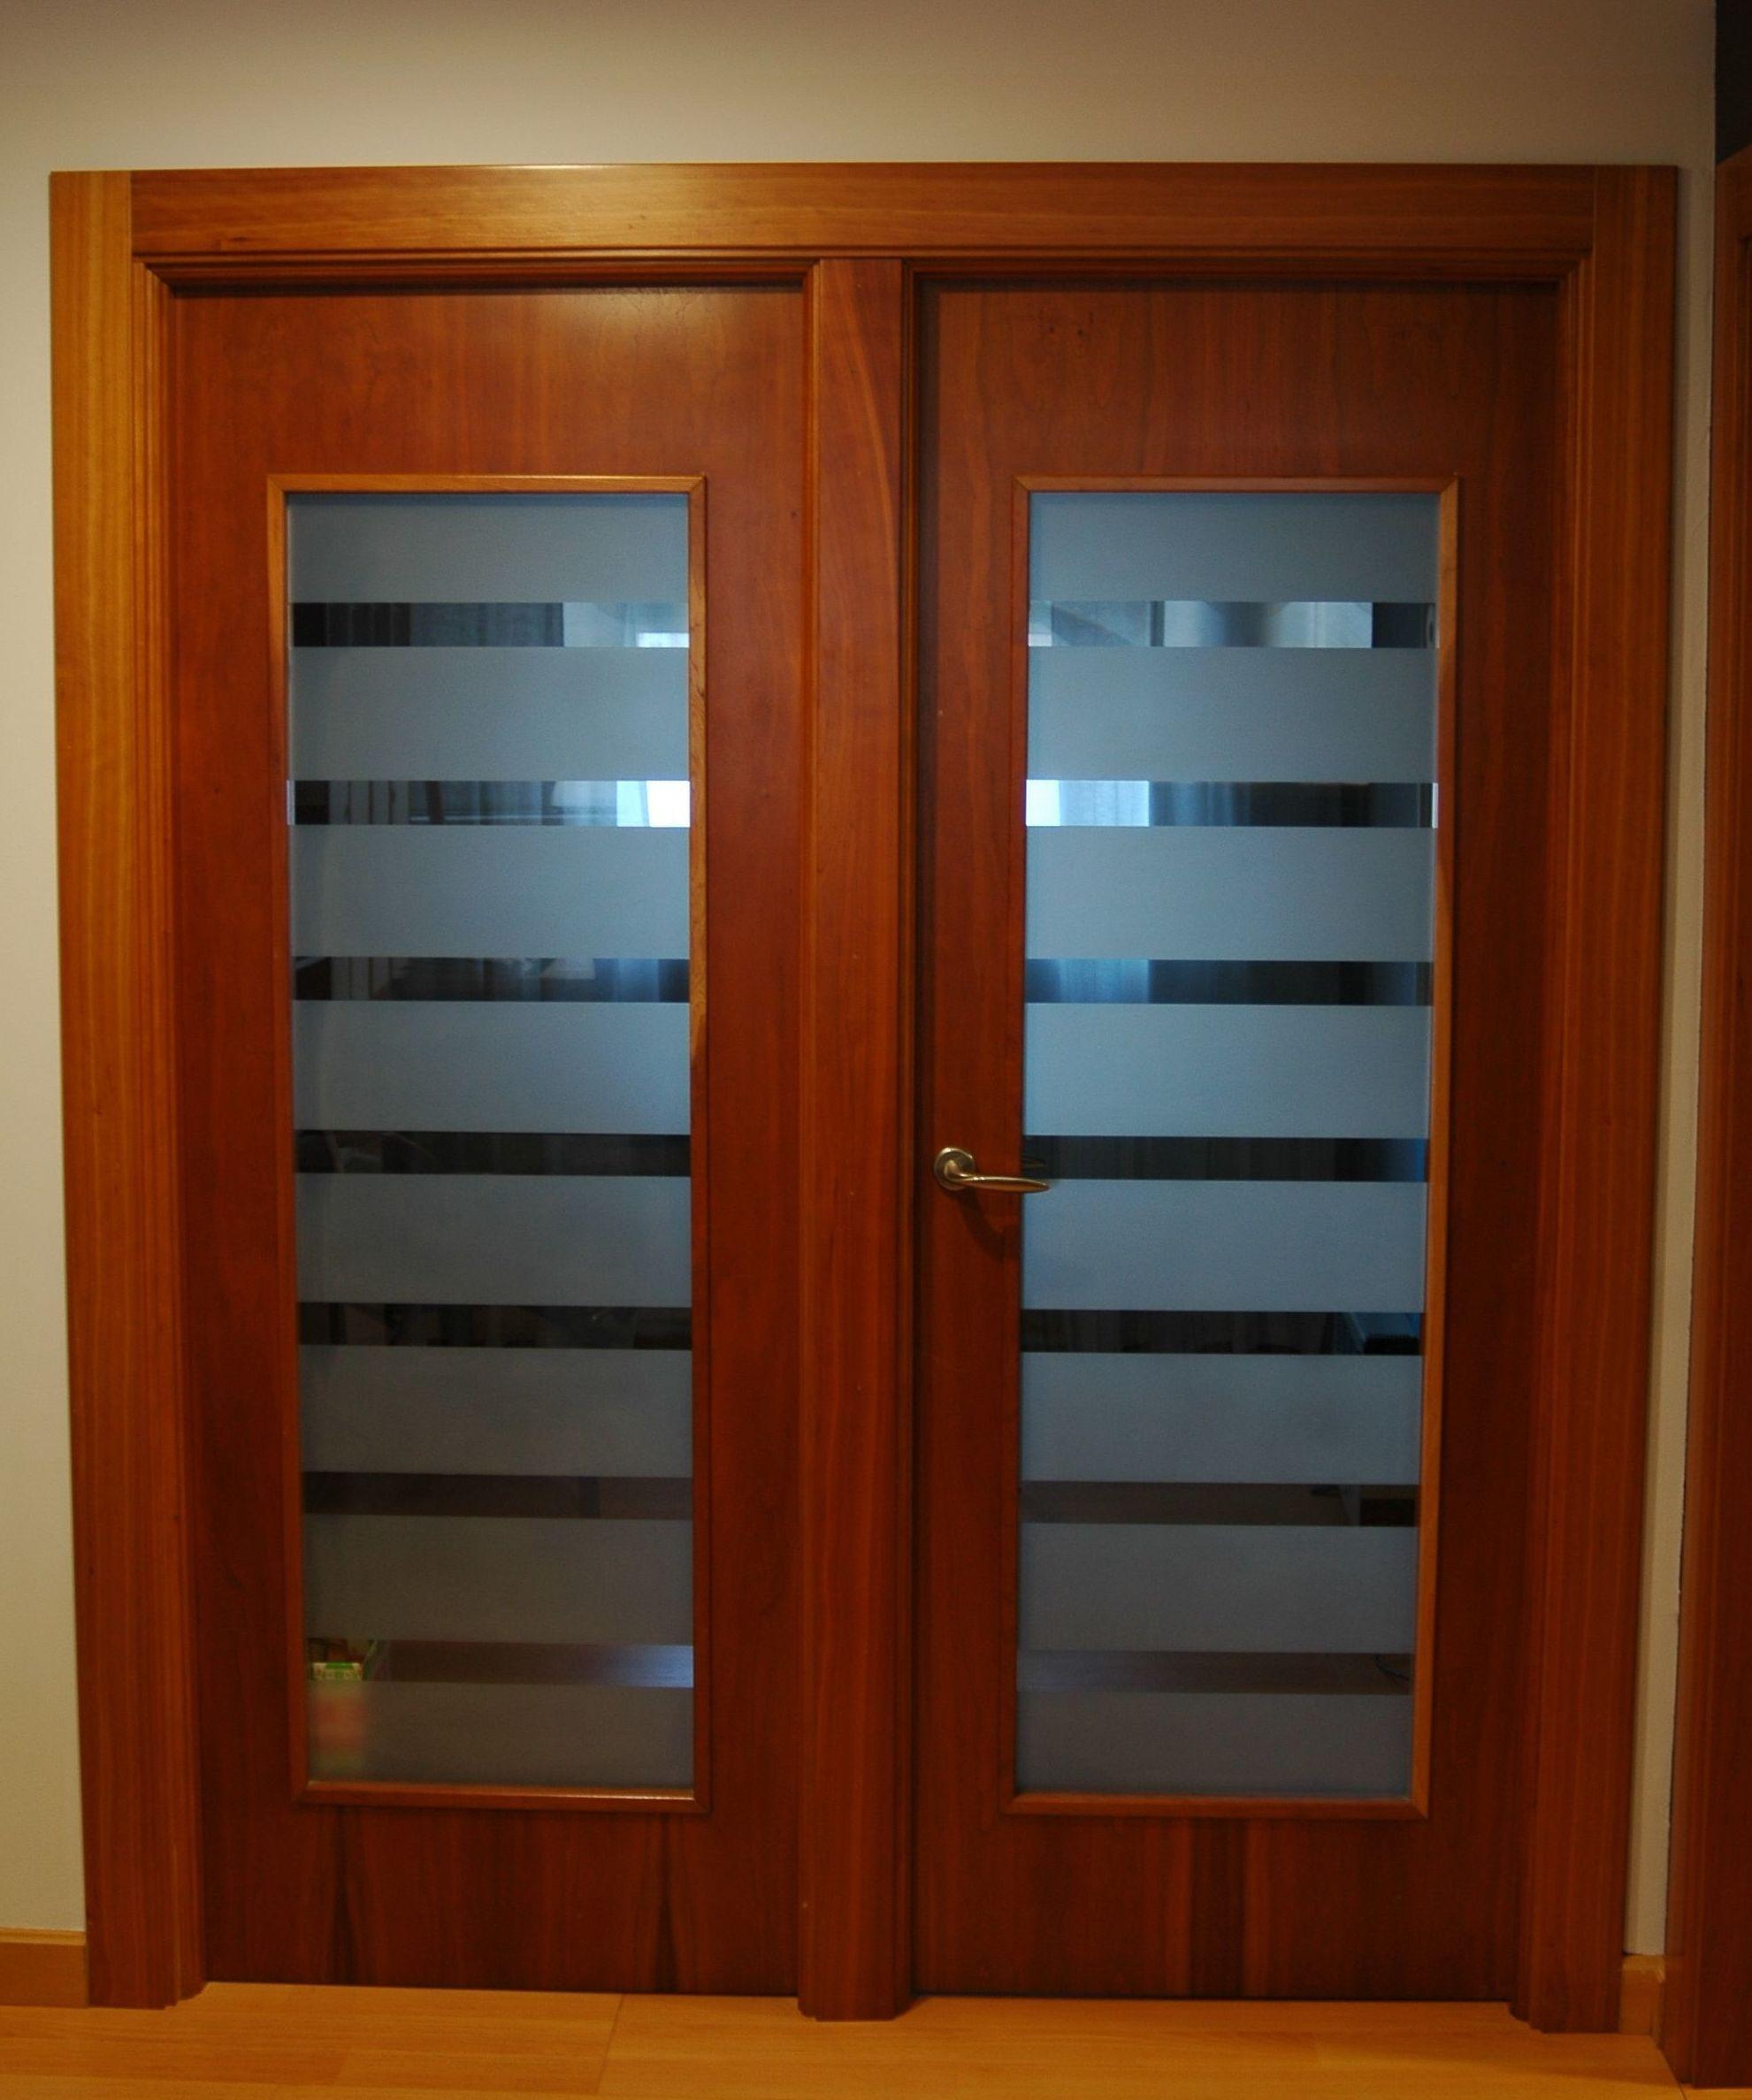 Mod lisa con vidrio cat logo de puertas y armarios videco - Puertas interior asturias ...